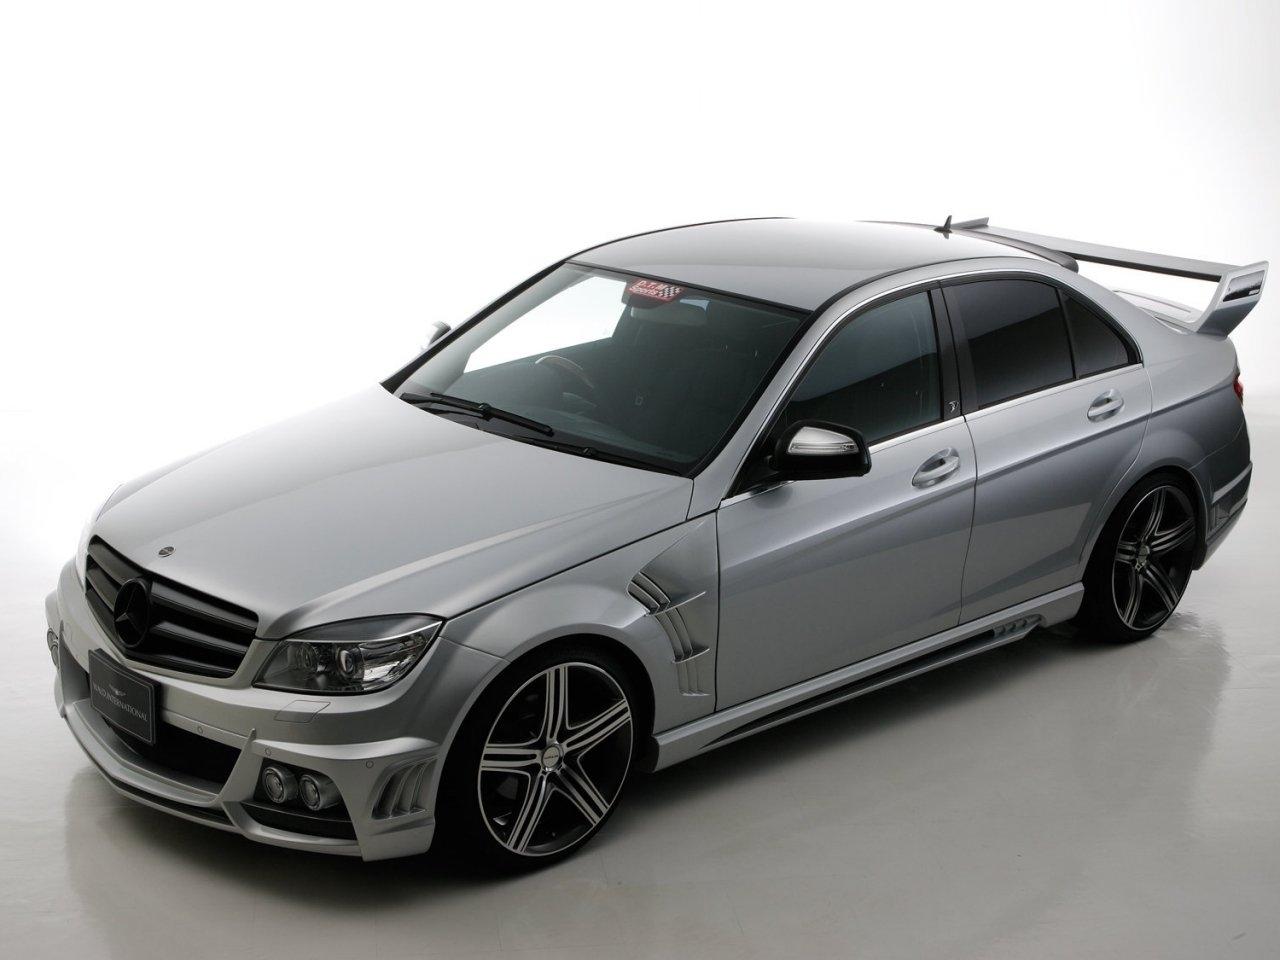 49469 скачать обои Транспорт, Машины, Мерседес (Mercedes) - заставки и картинки бесплатно